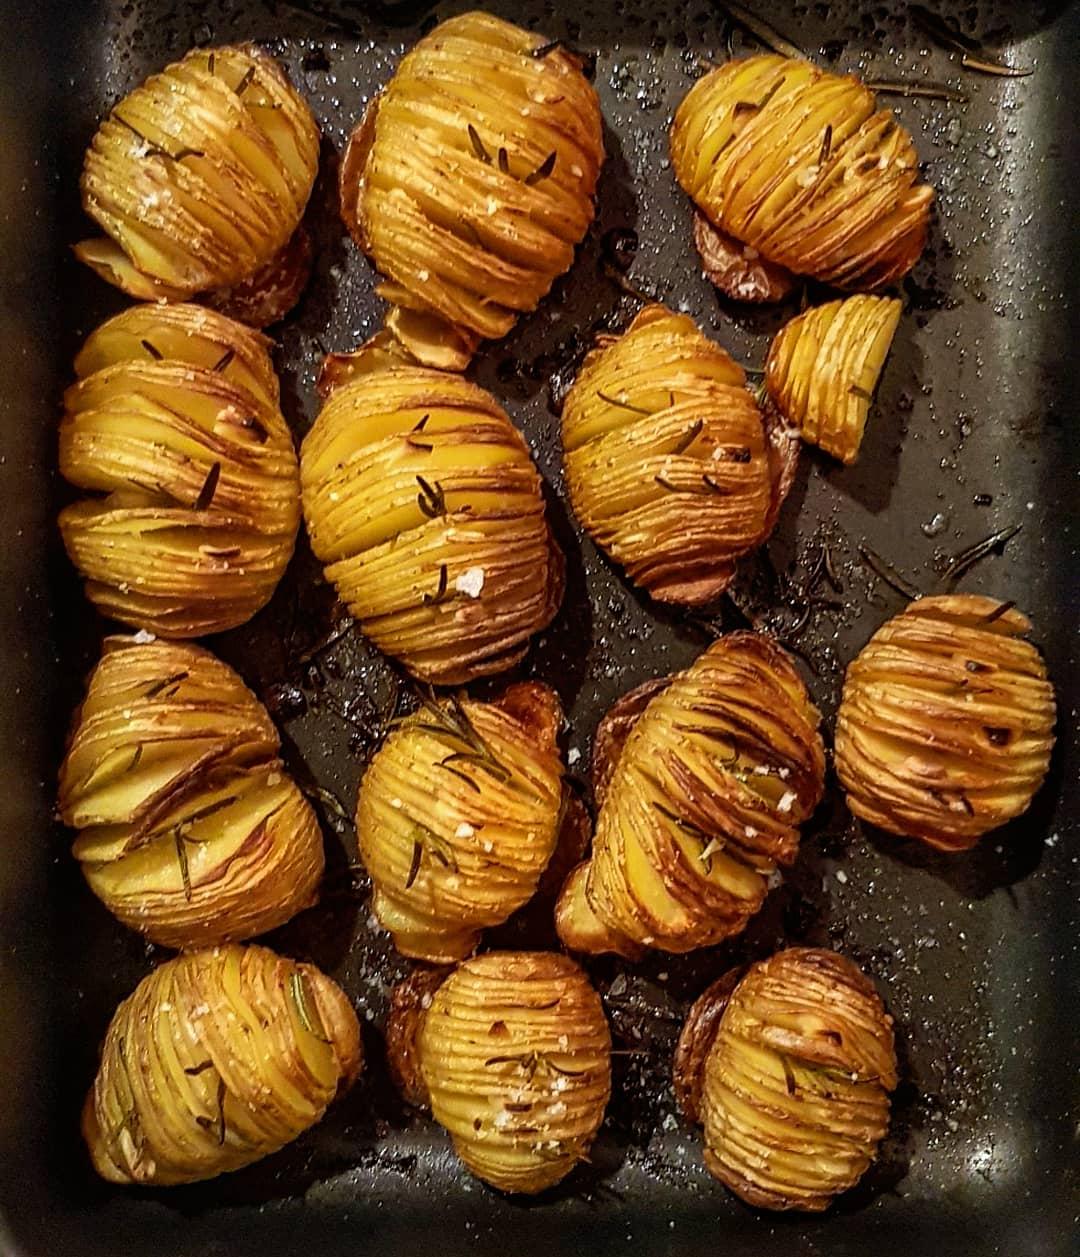 Hasselback kartofler - opskrift på perfekt sprøde kartofler